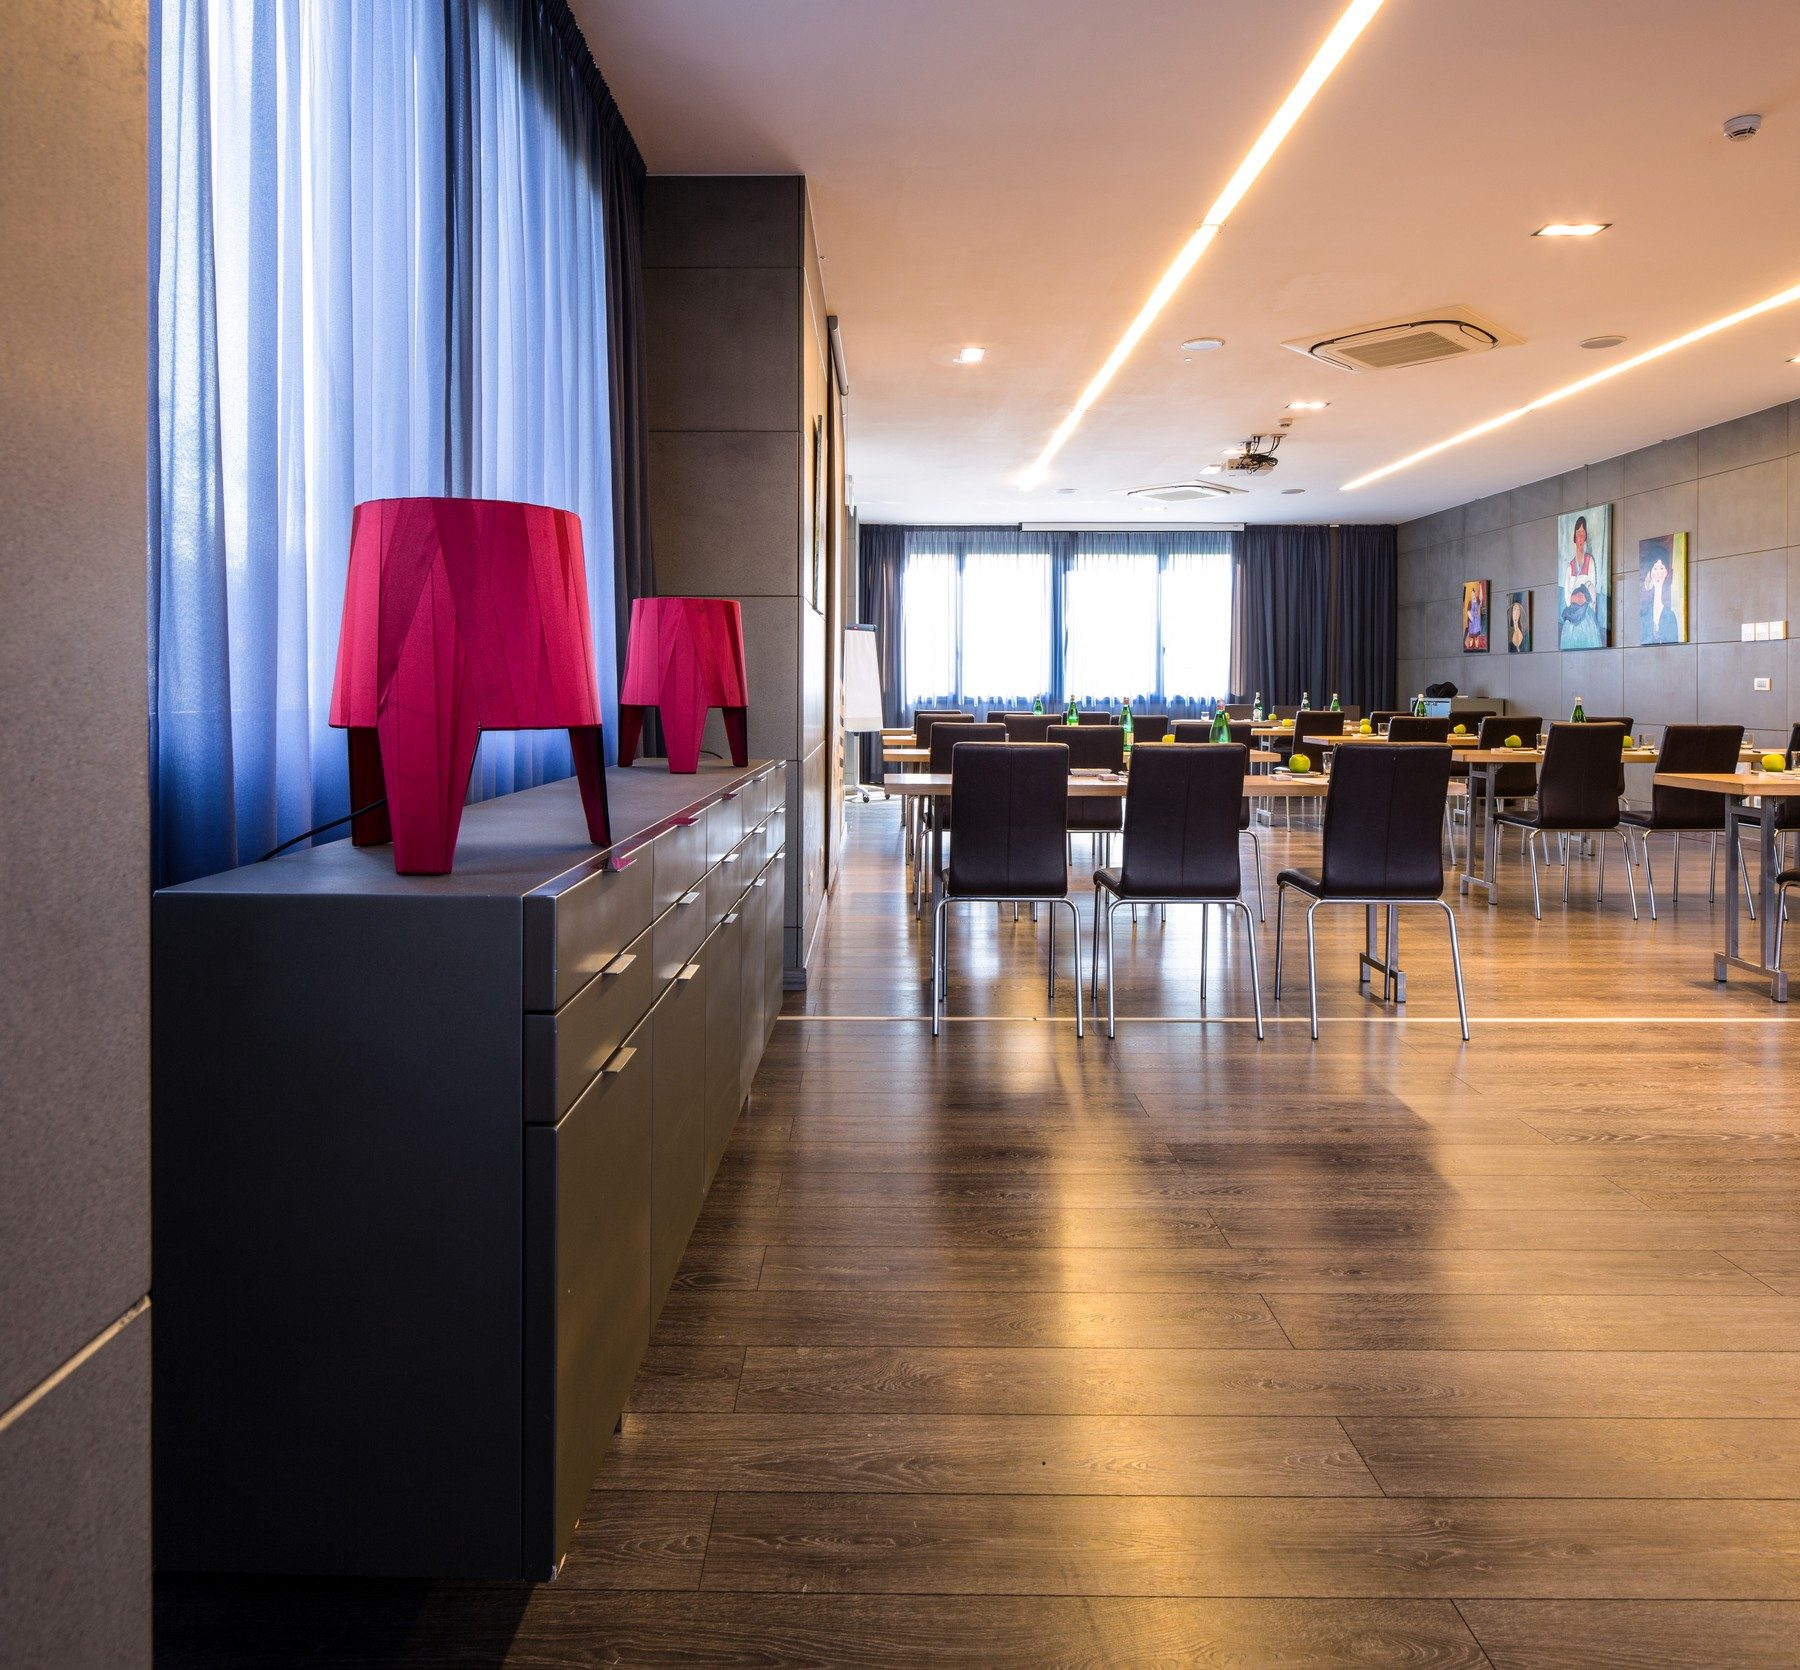 h10-hotel-roma-ampliamento-1